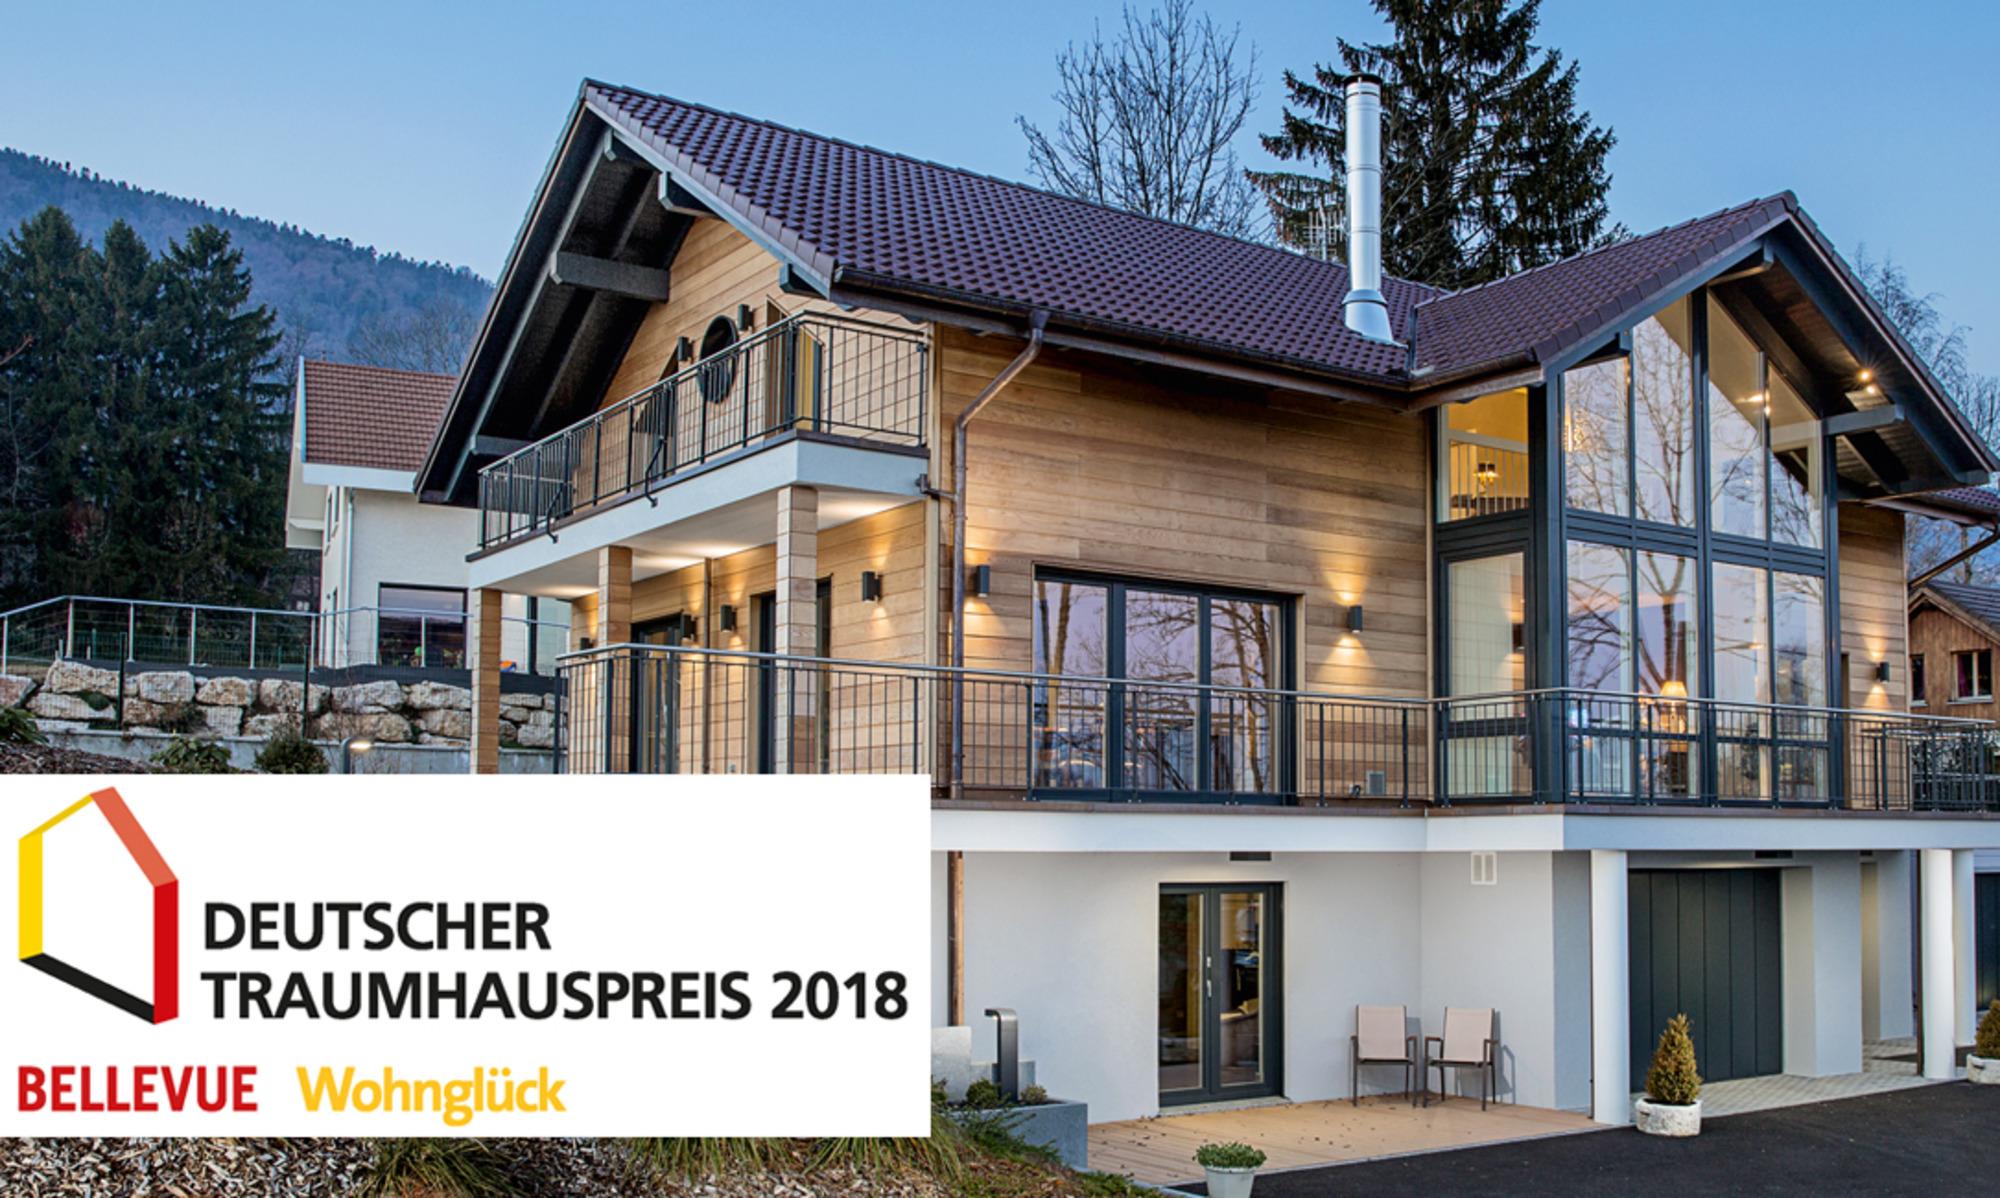 Deutscher Traumhauspreis 2018